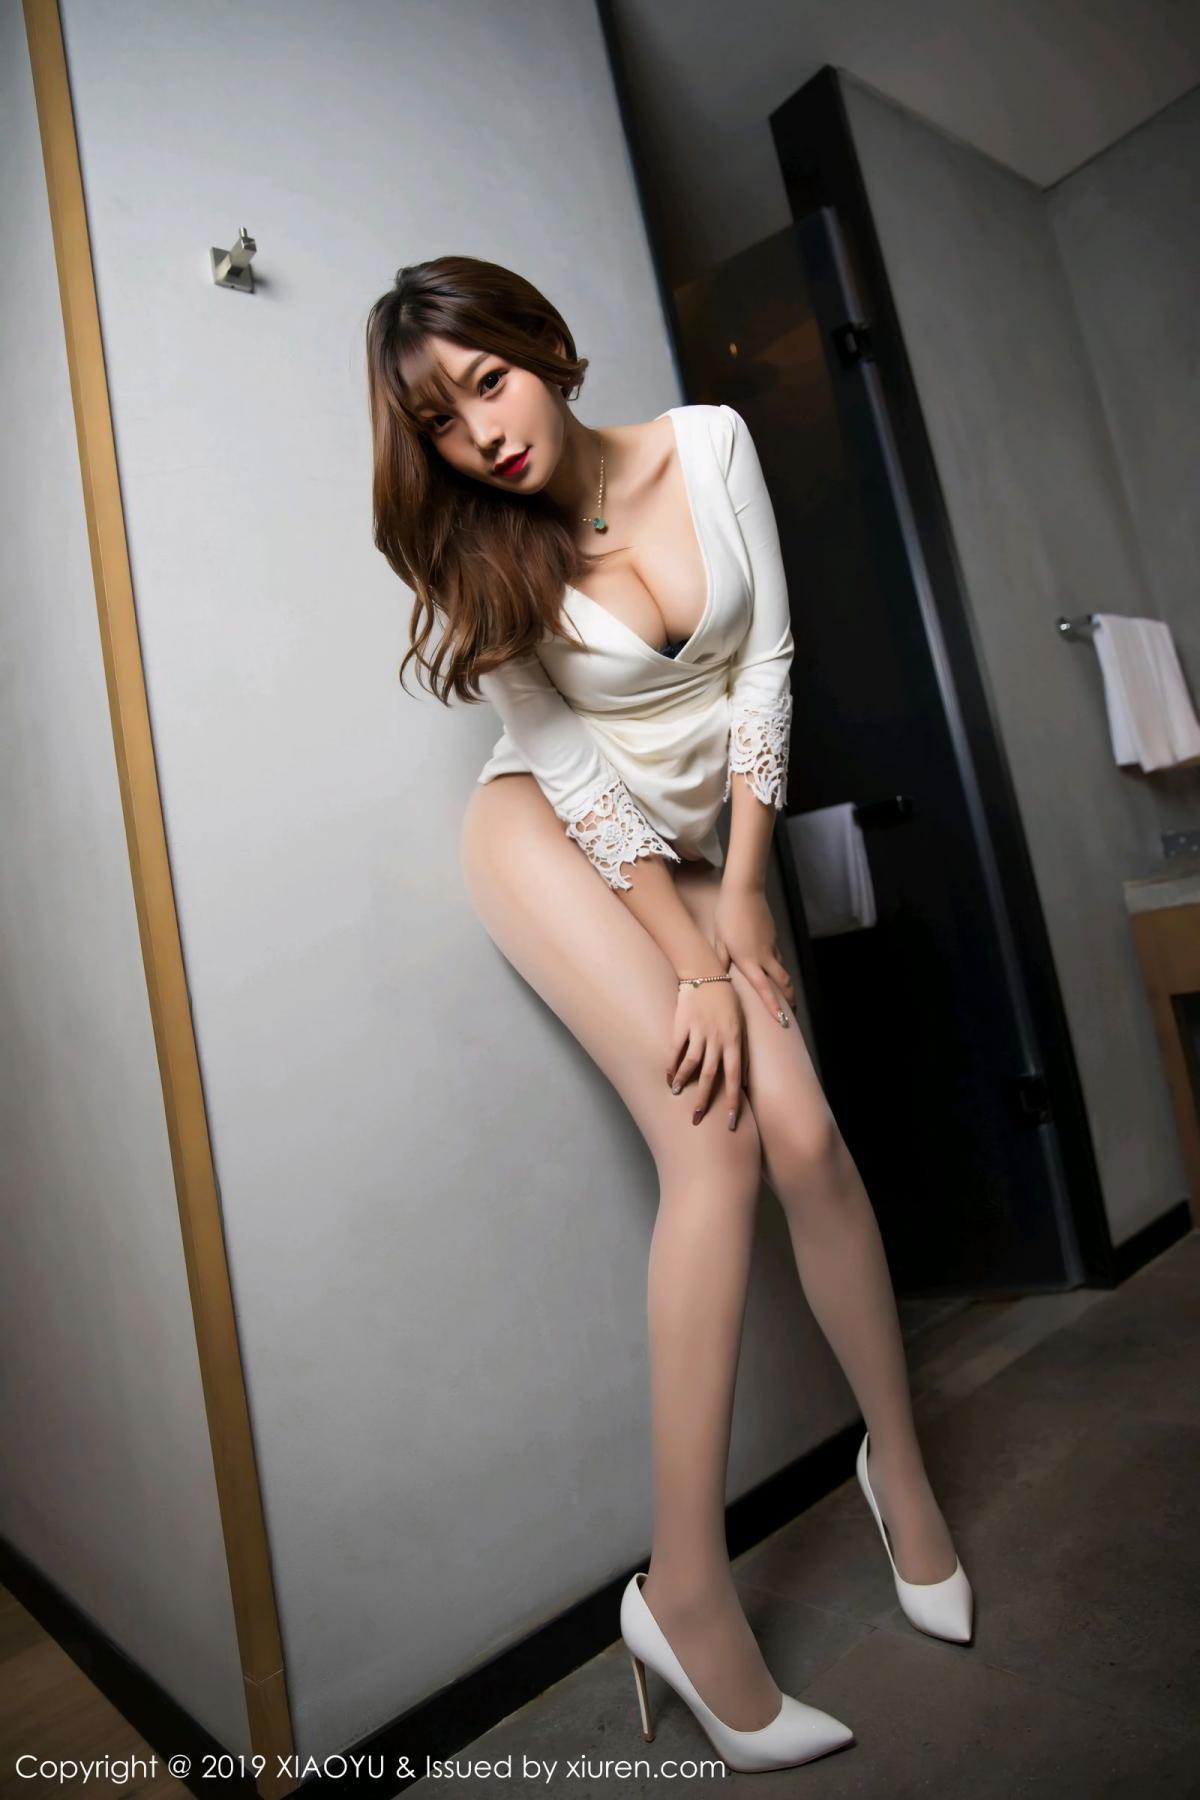 [XiaoYu] Vol.110 Chen Zhi 4P, Chen Zhi, Tall, XiaoYu